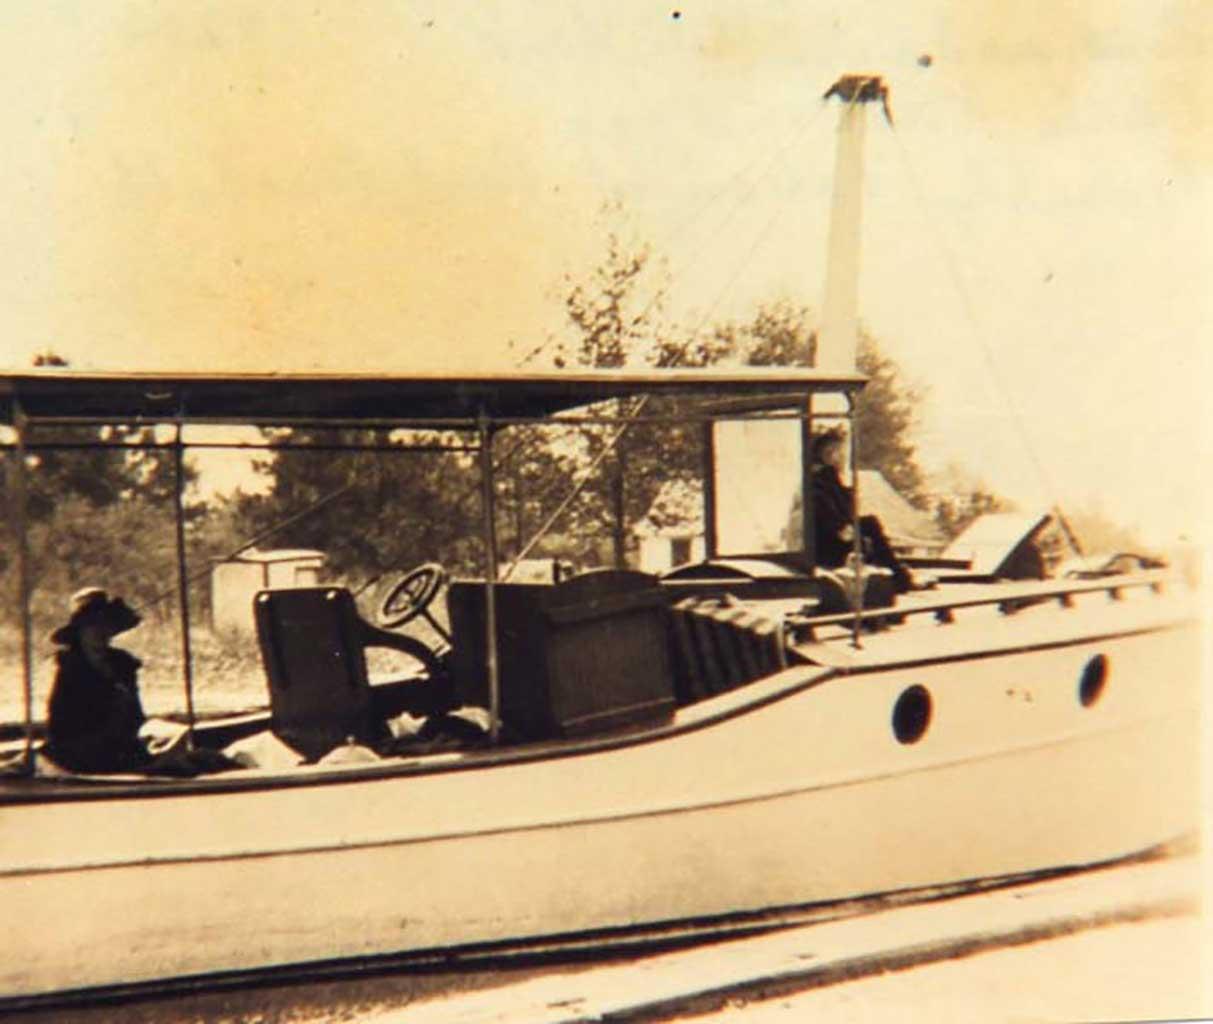 merle-kirk-boat-made-by-jr-kirk-c1920s-img254